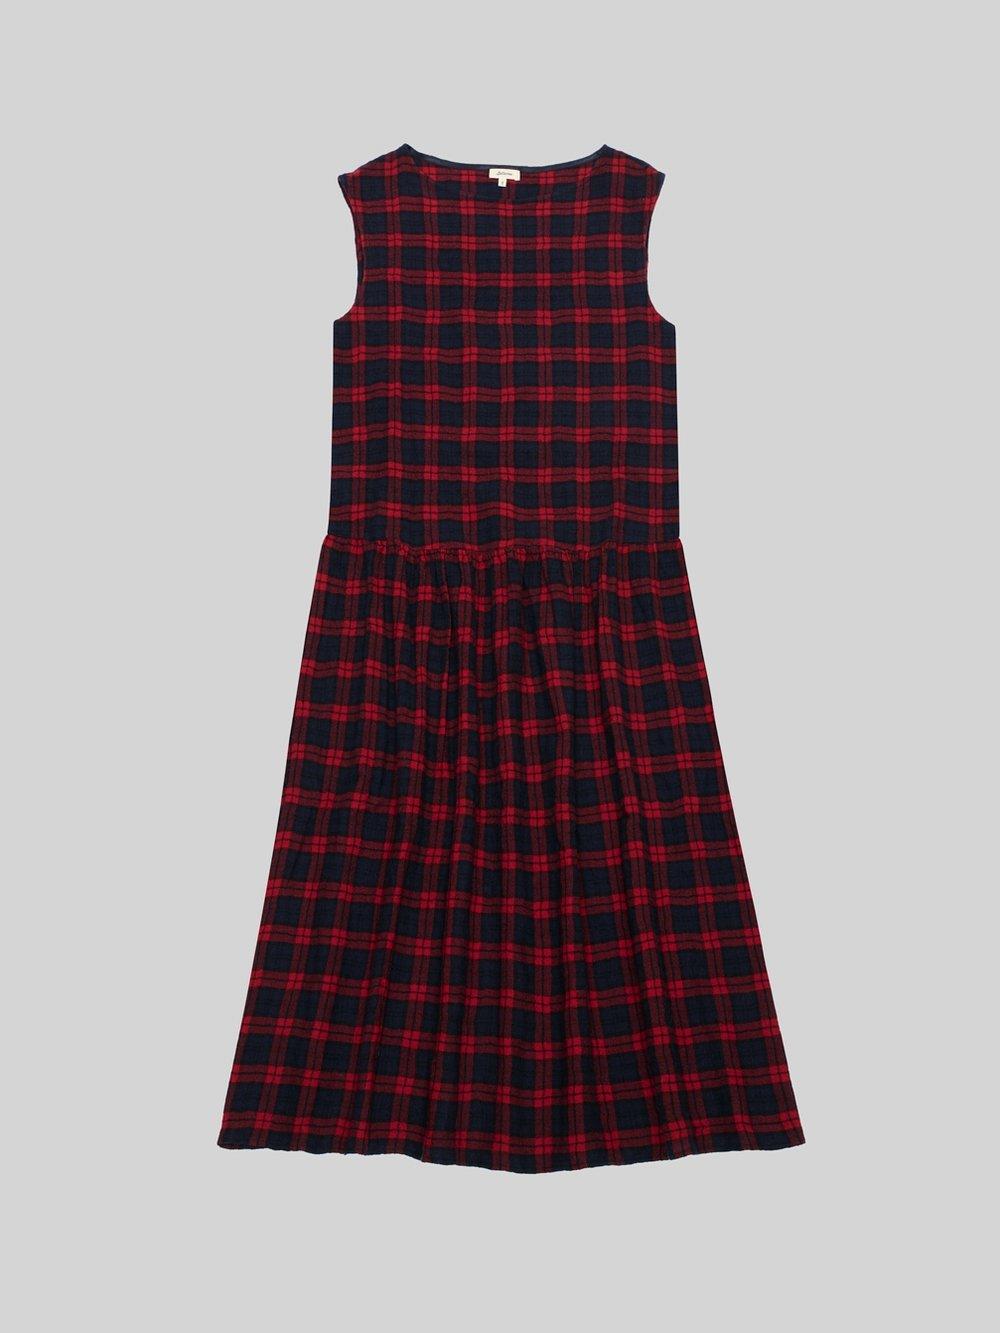 Amigo dress